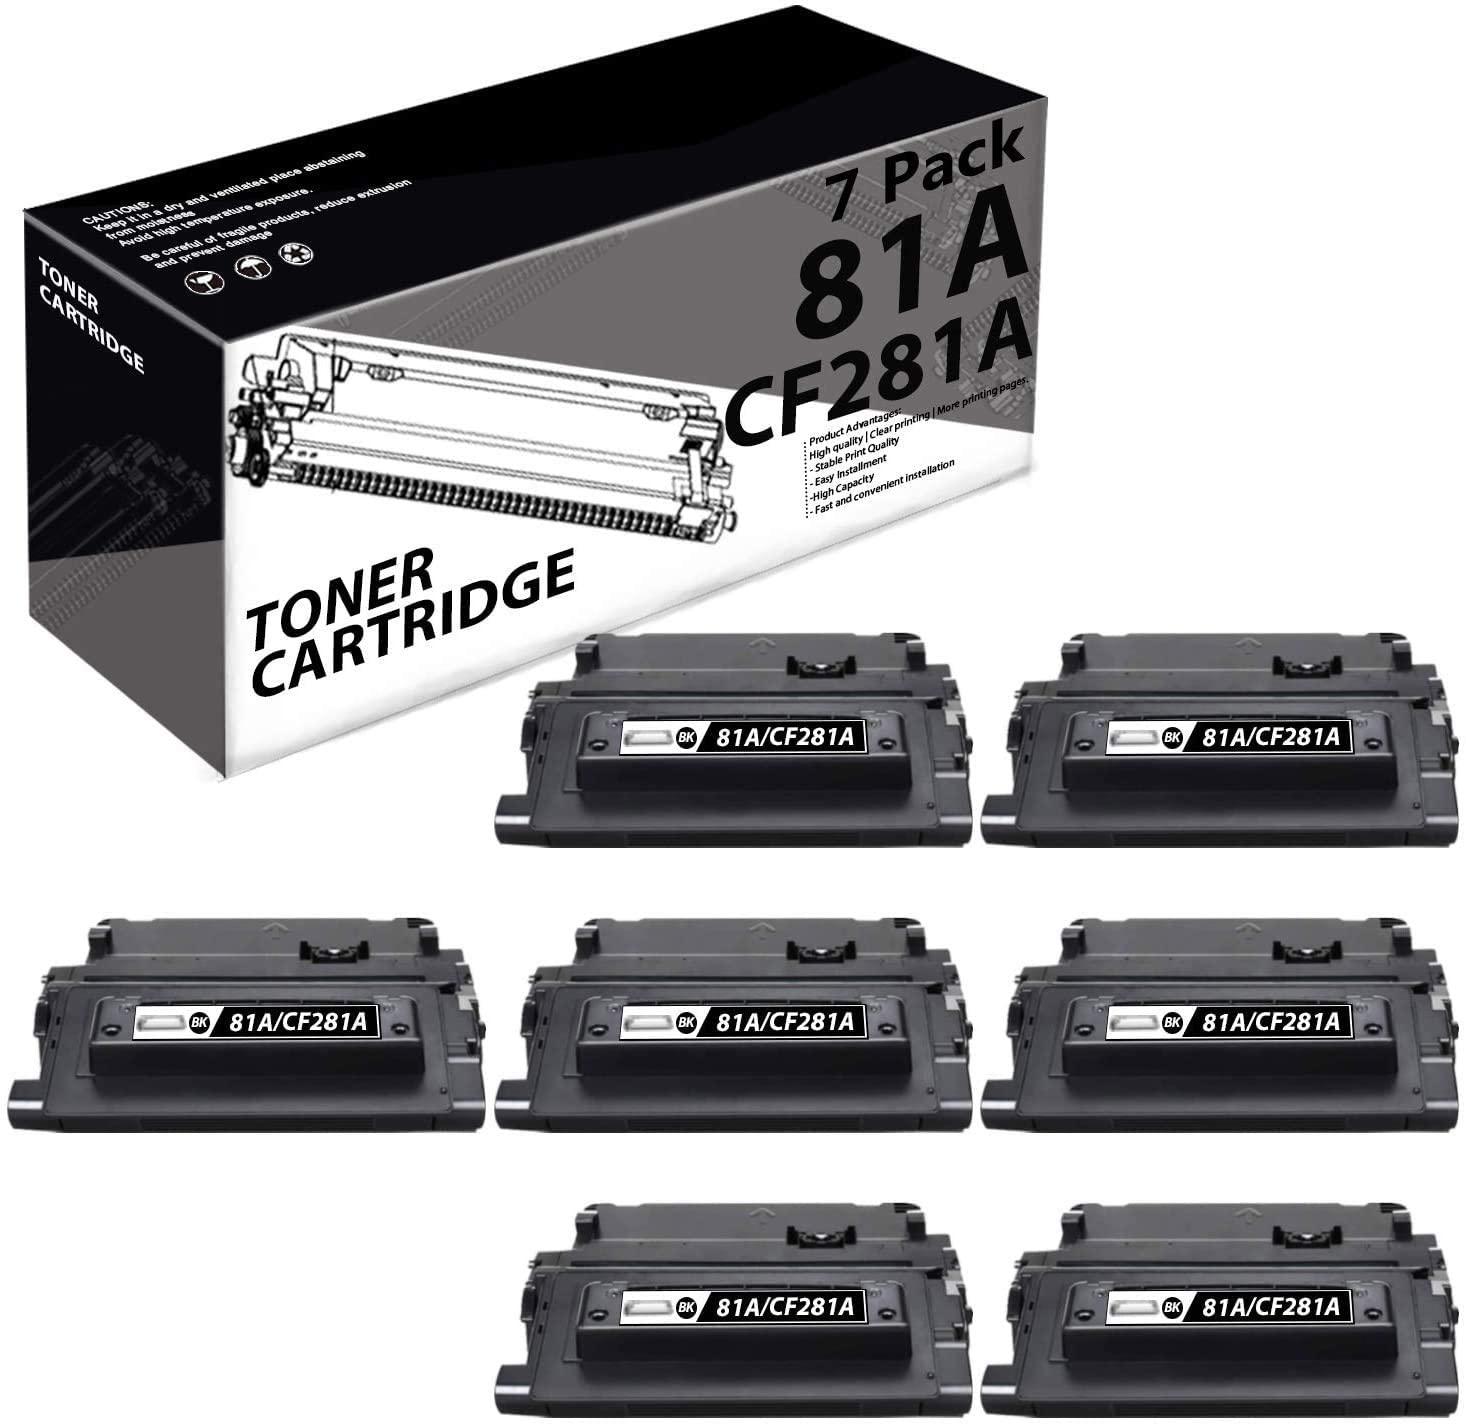 81A | CF281A(4 Pack-Black) Compatible Toner Cartridge Replacement for HP Laserjet Enterprise M606x M630h M604n M605dn M605x M606dn MFP M630f M604 M606 MFP M630 Printers.